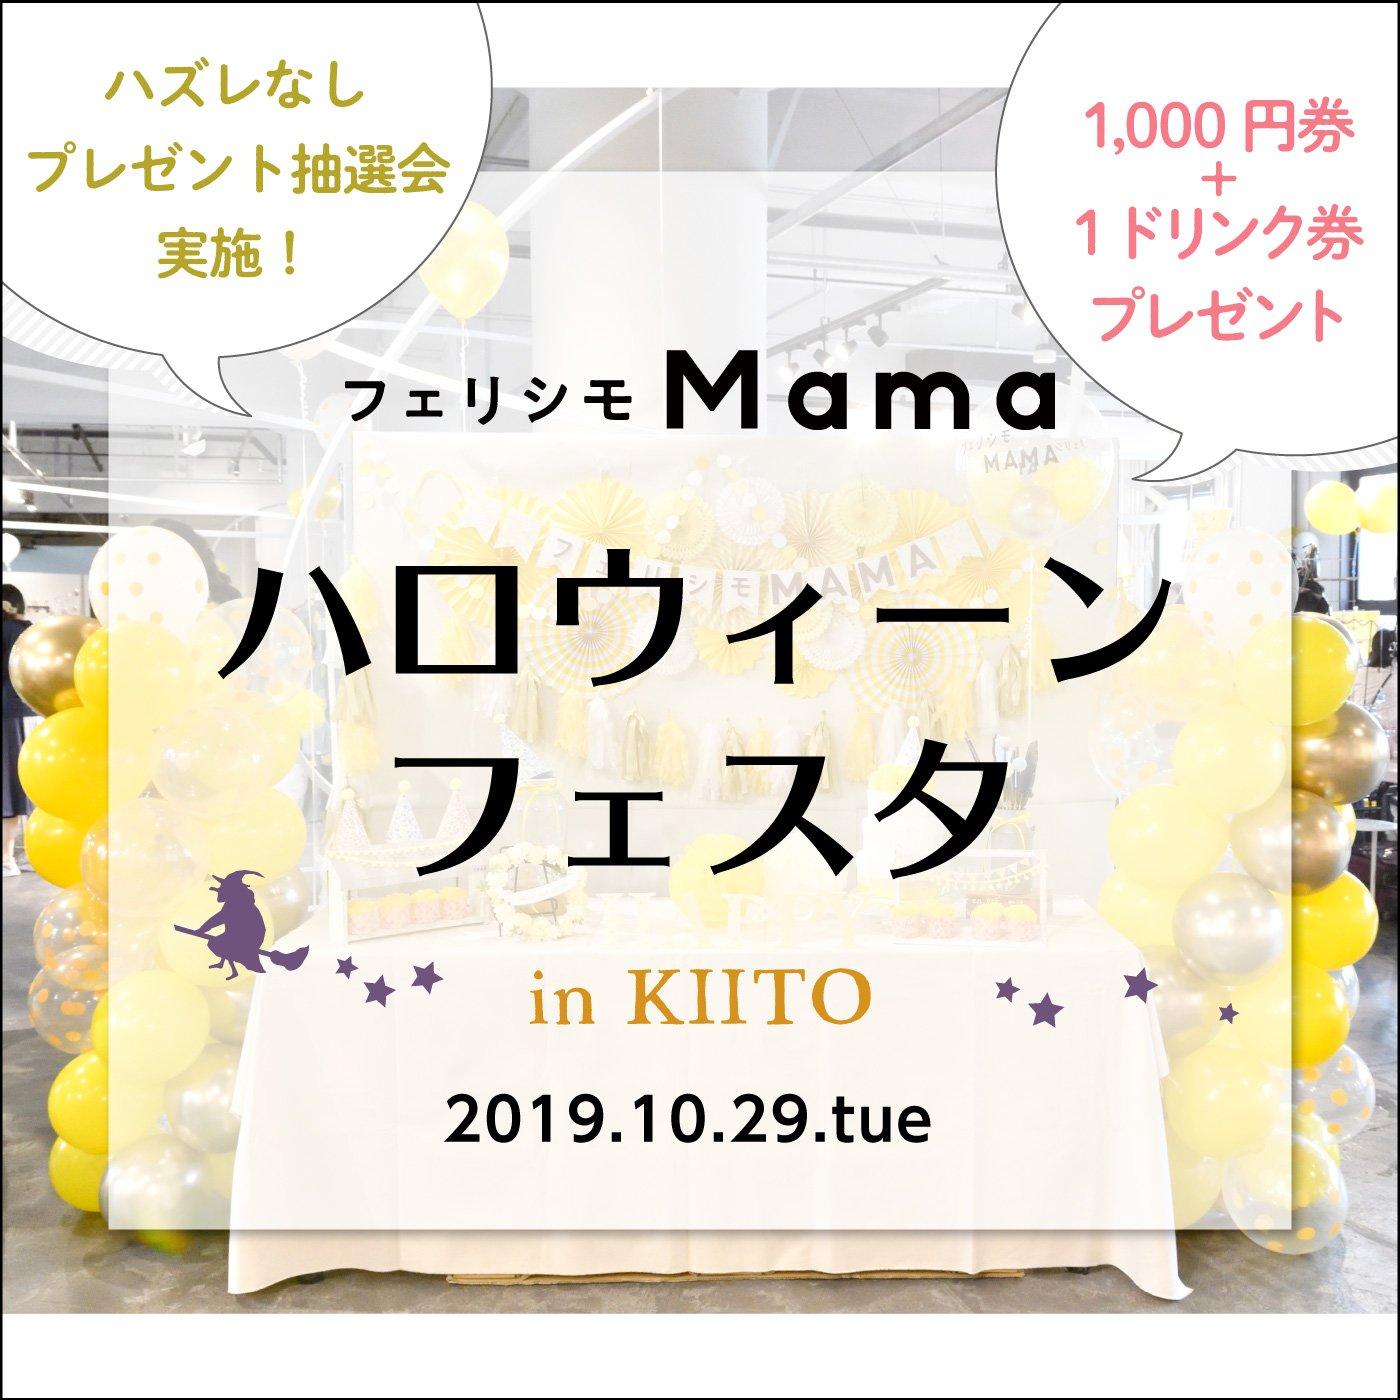 〈フェリシモMama〉2019年10月29日(火)フェリシモMamaハロウィーンフェスタ in KIITO